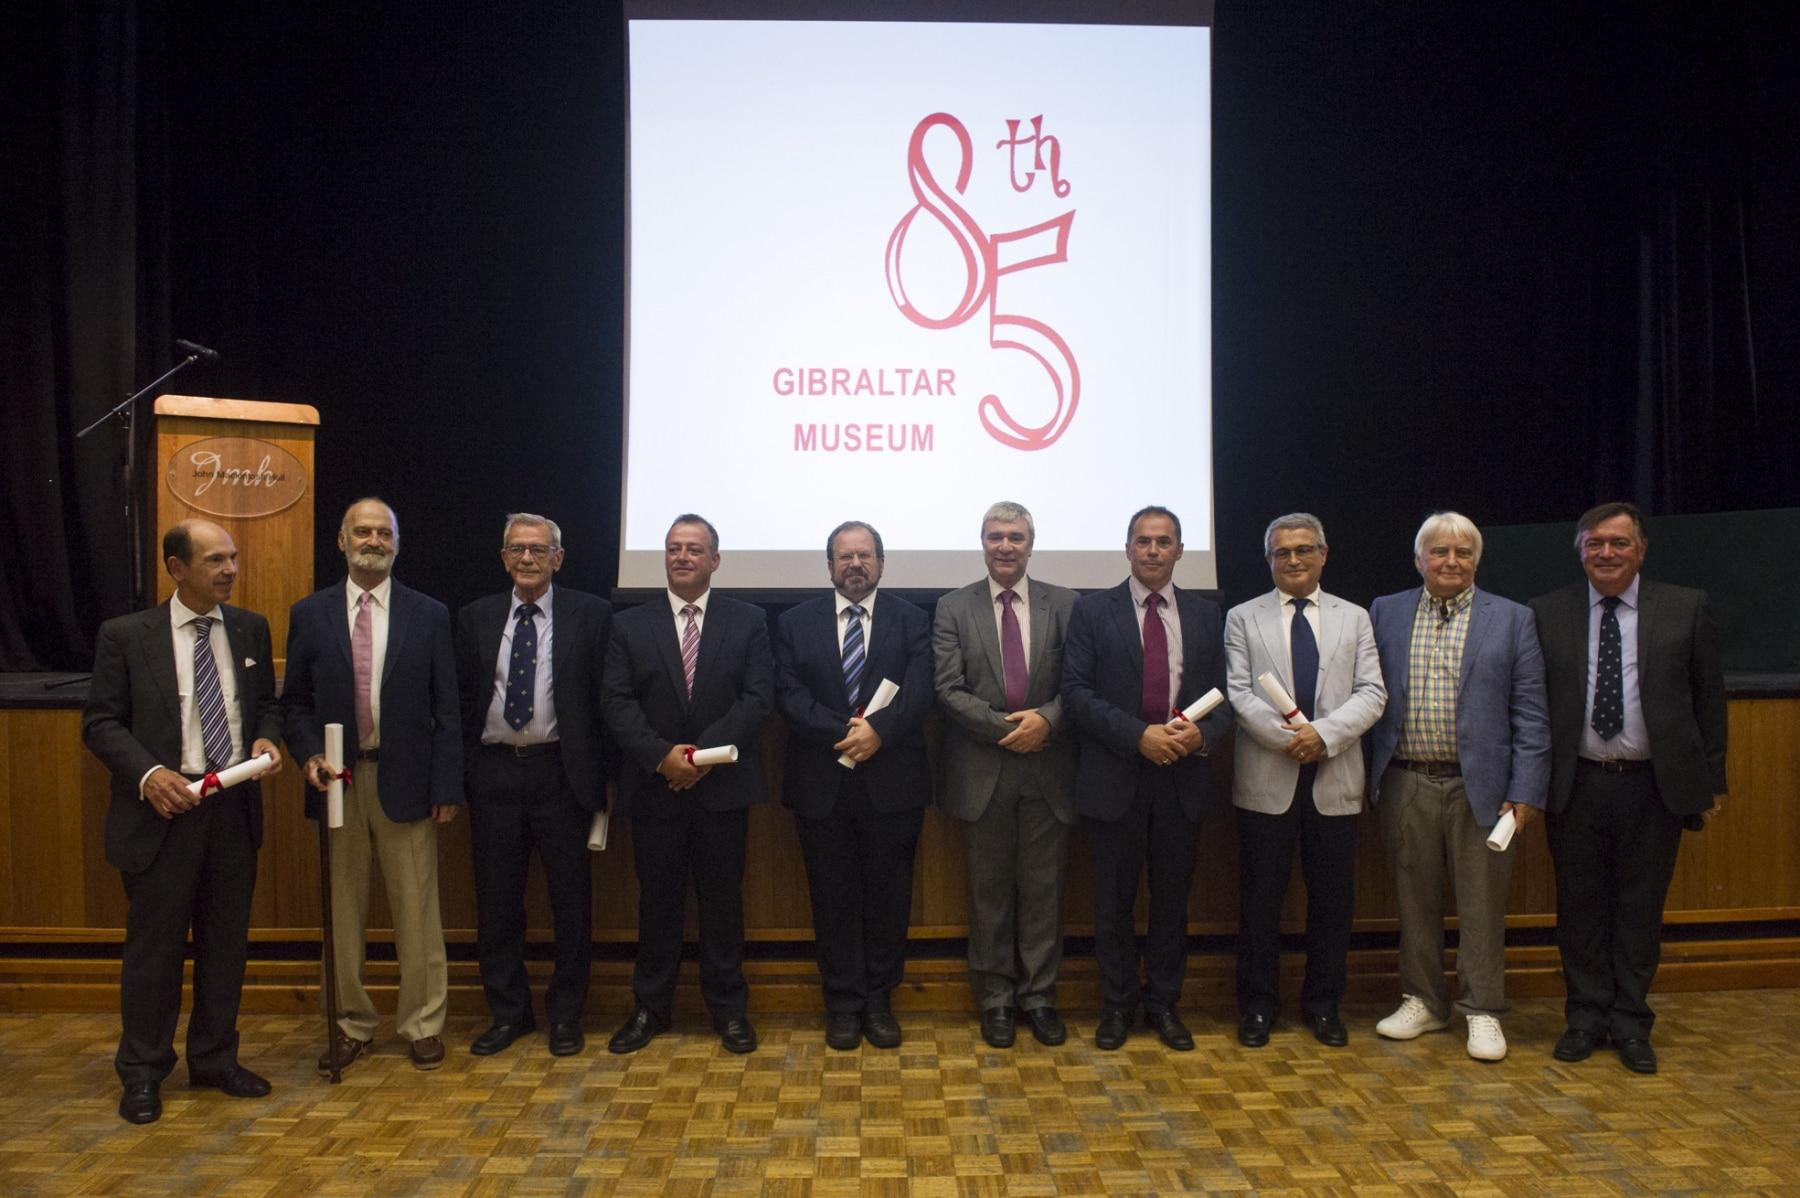 85-aniversario-museo-gibraltar-23072015-23_19937315496_o